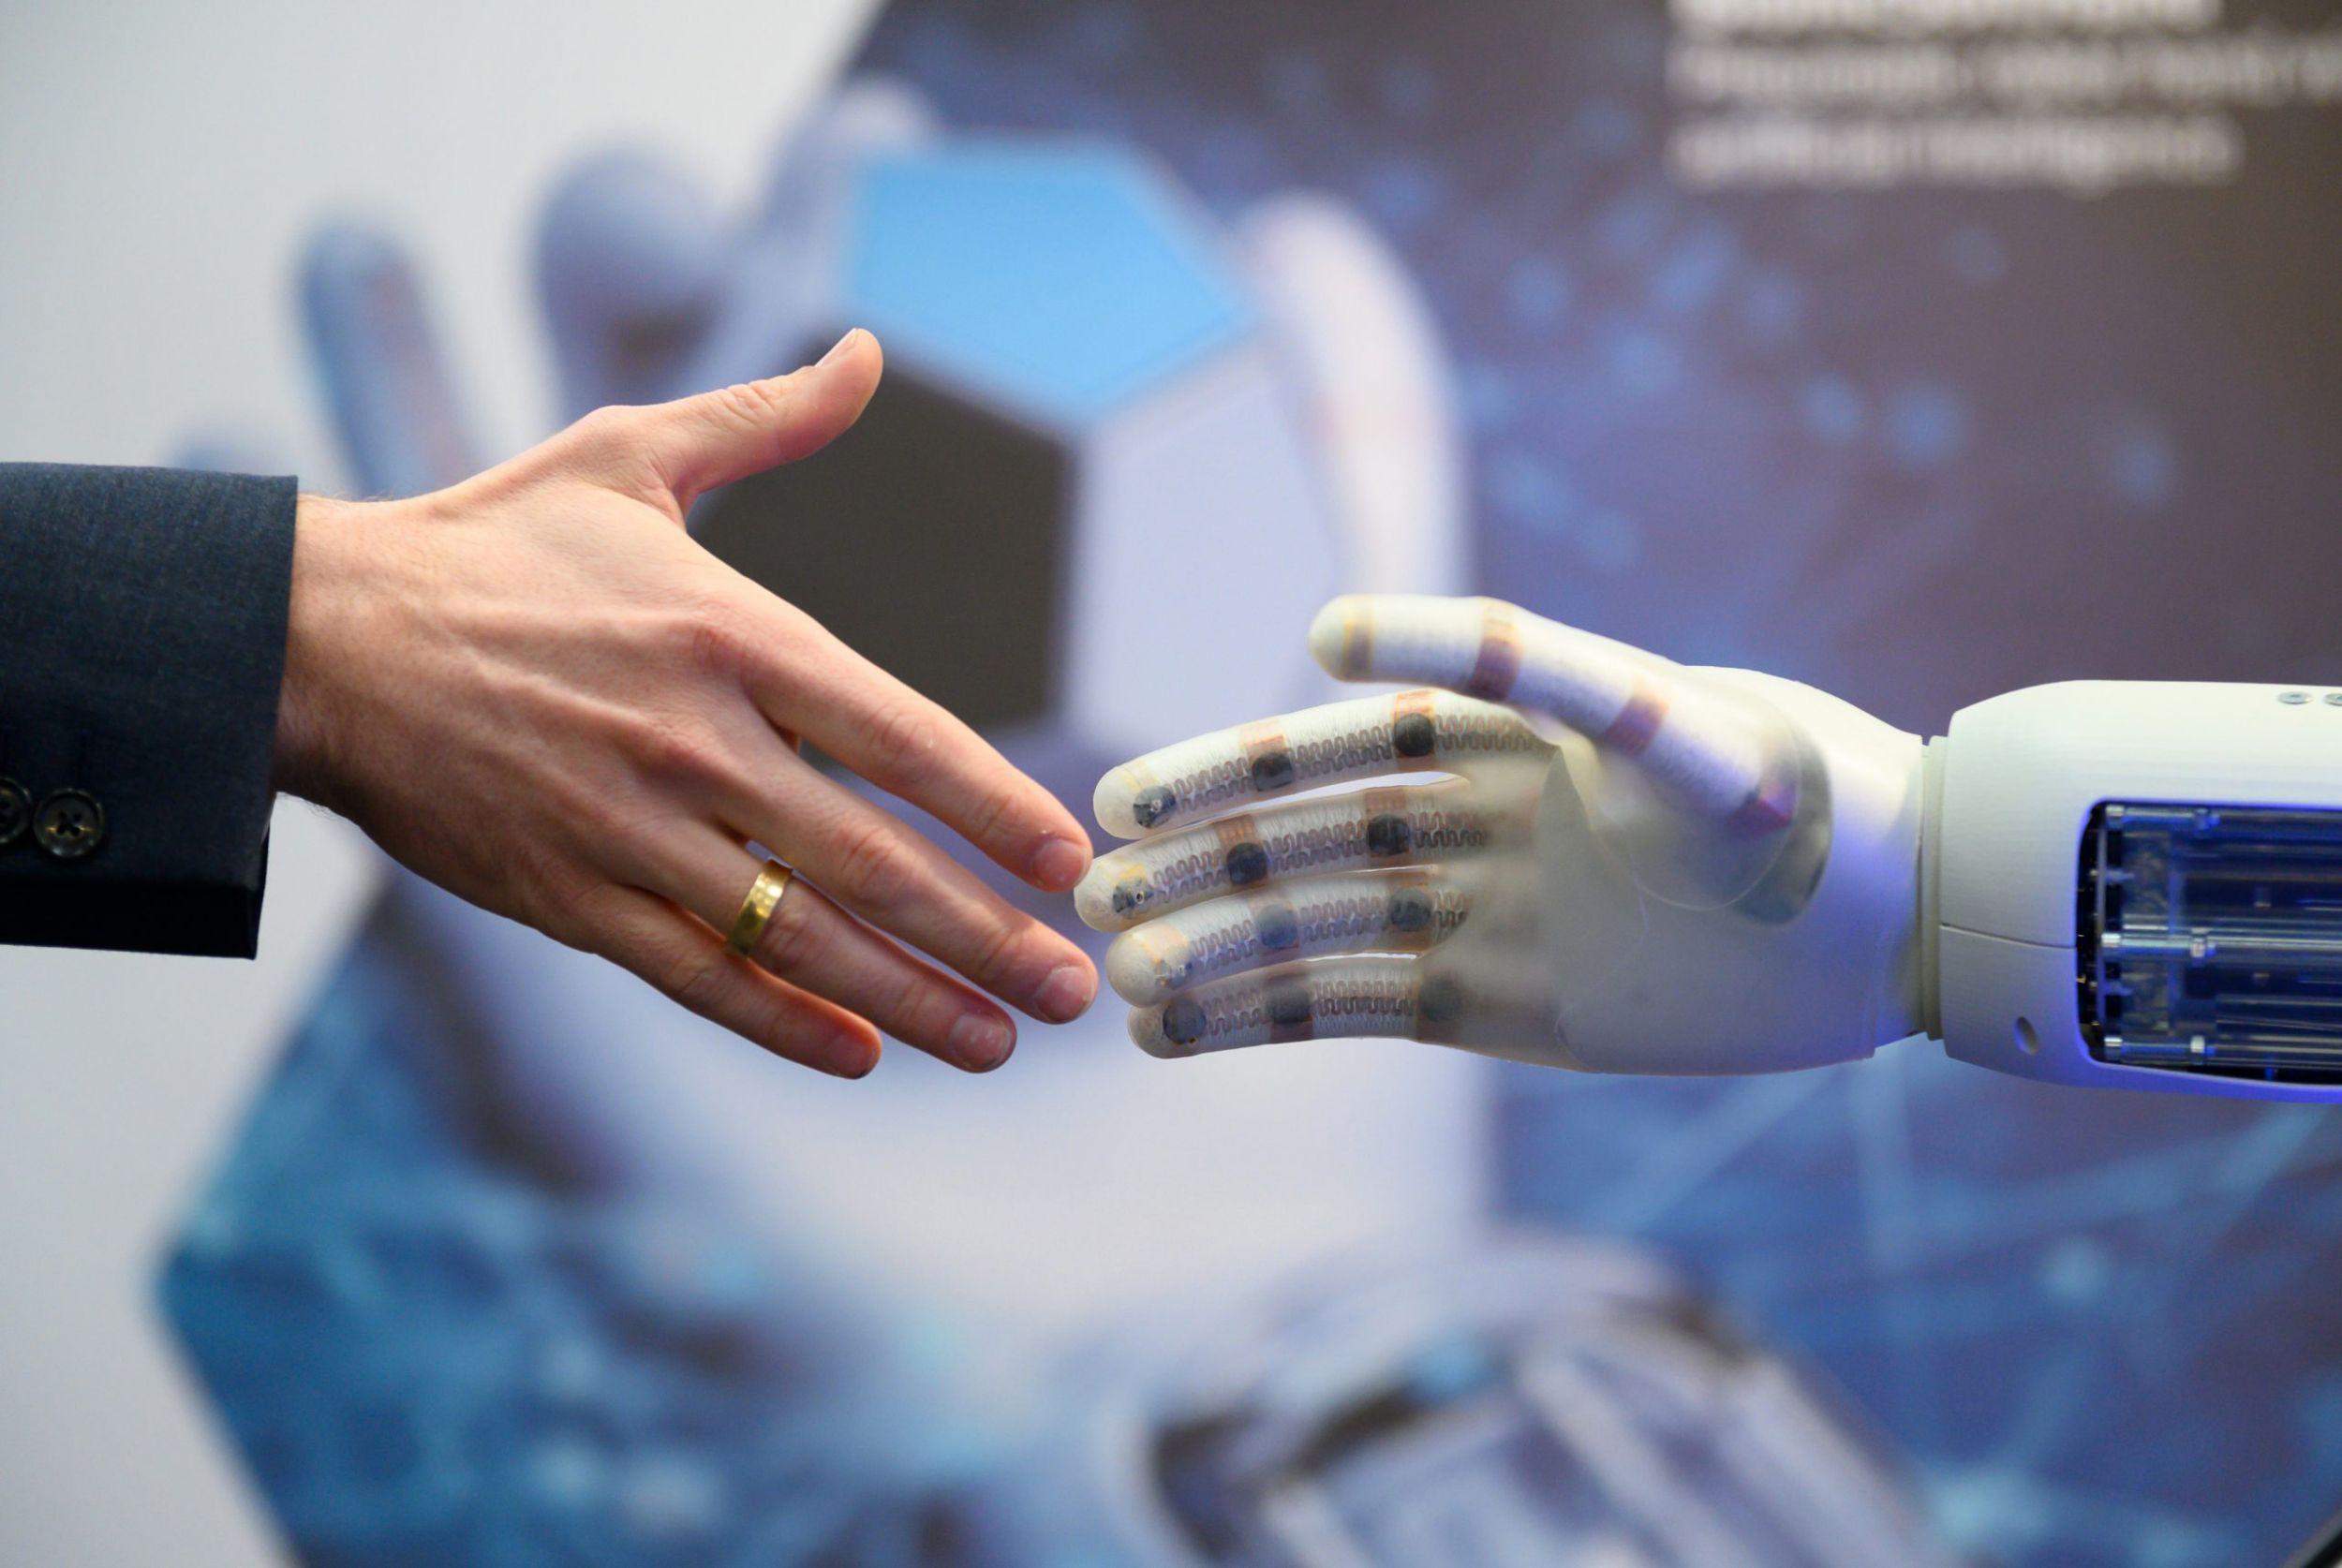 Mensch, Maschine oder beides?